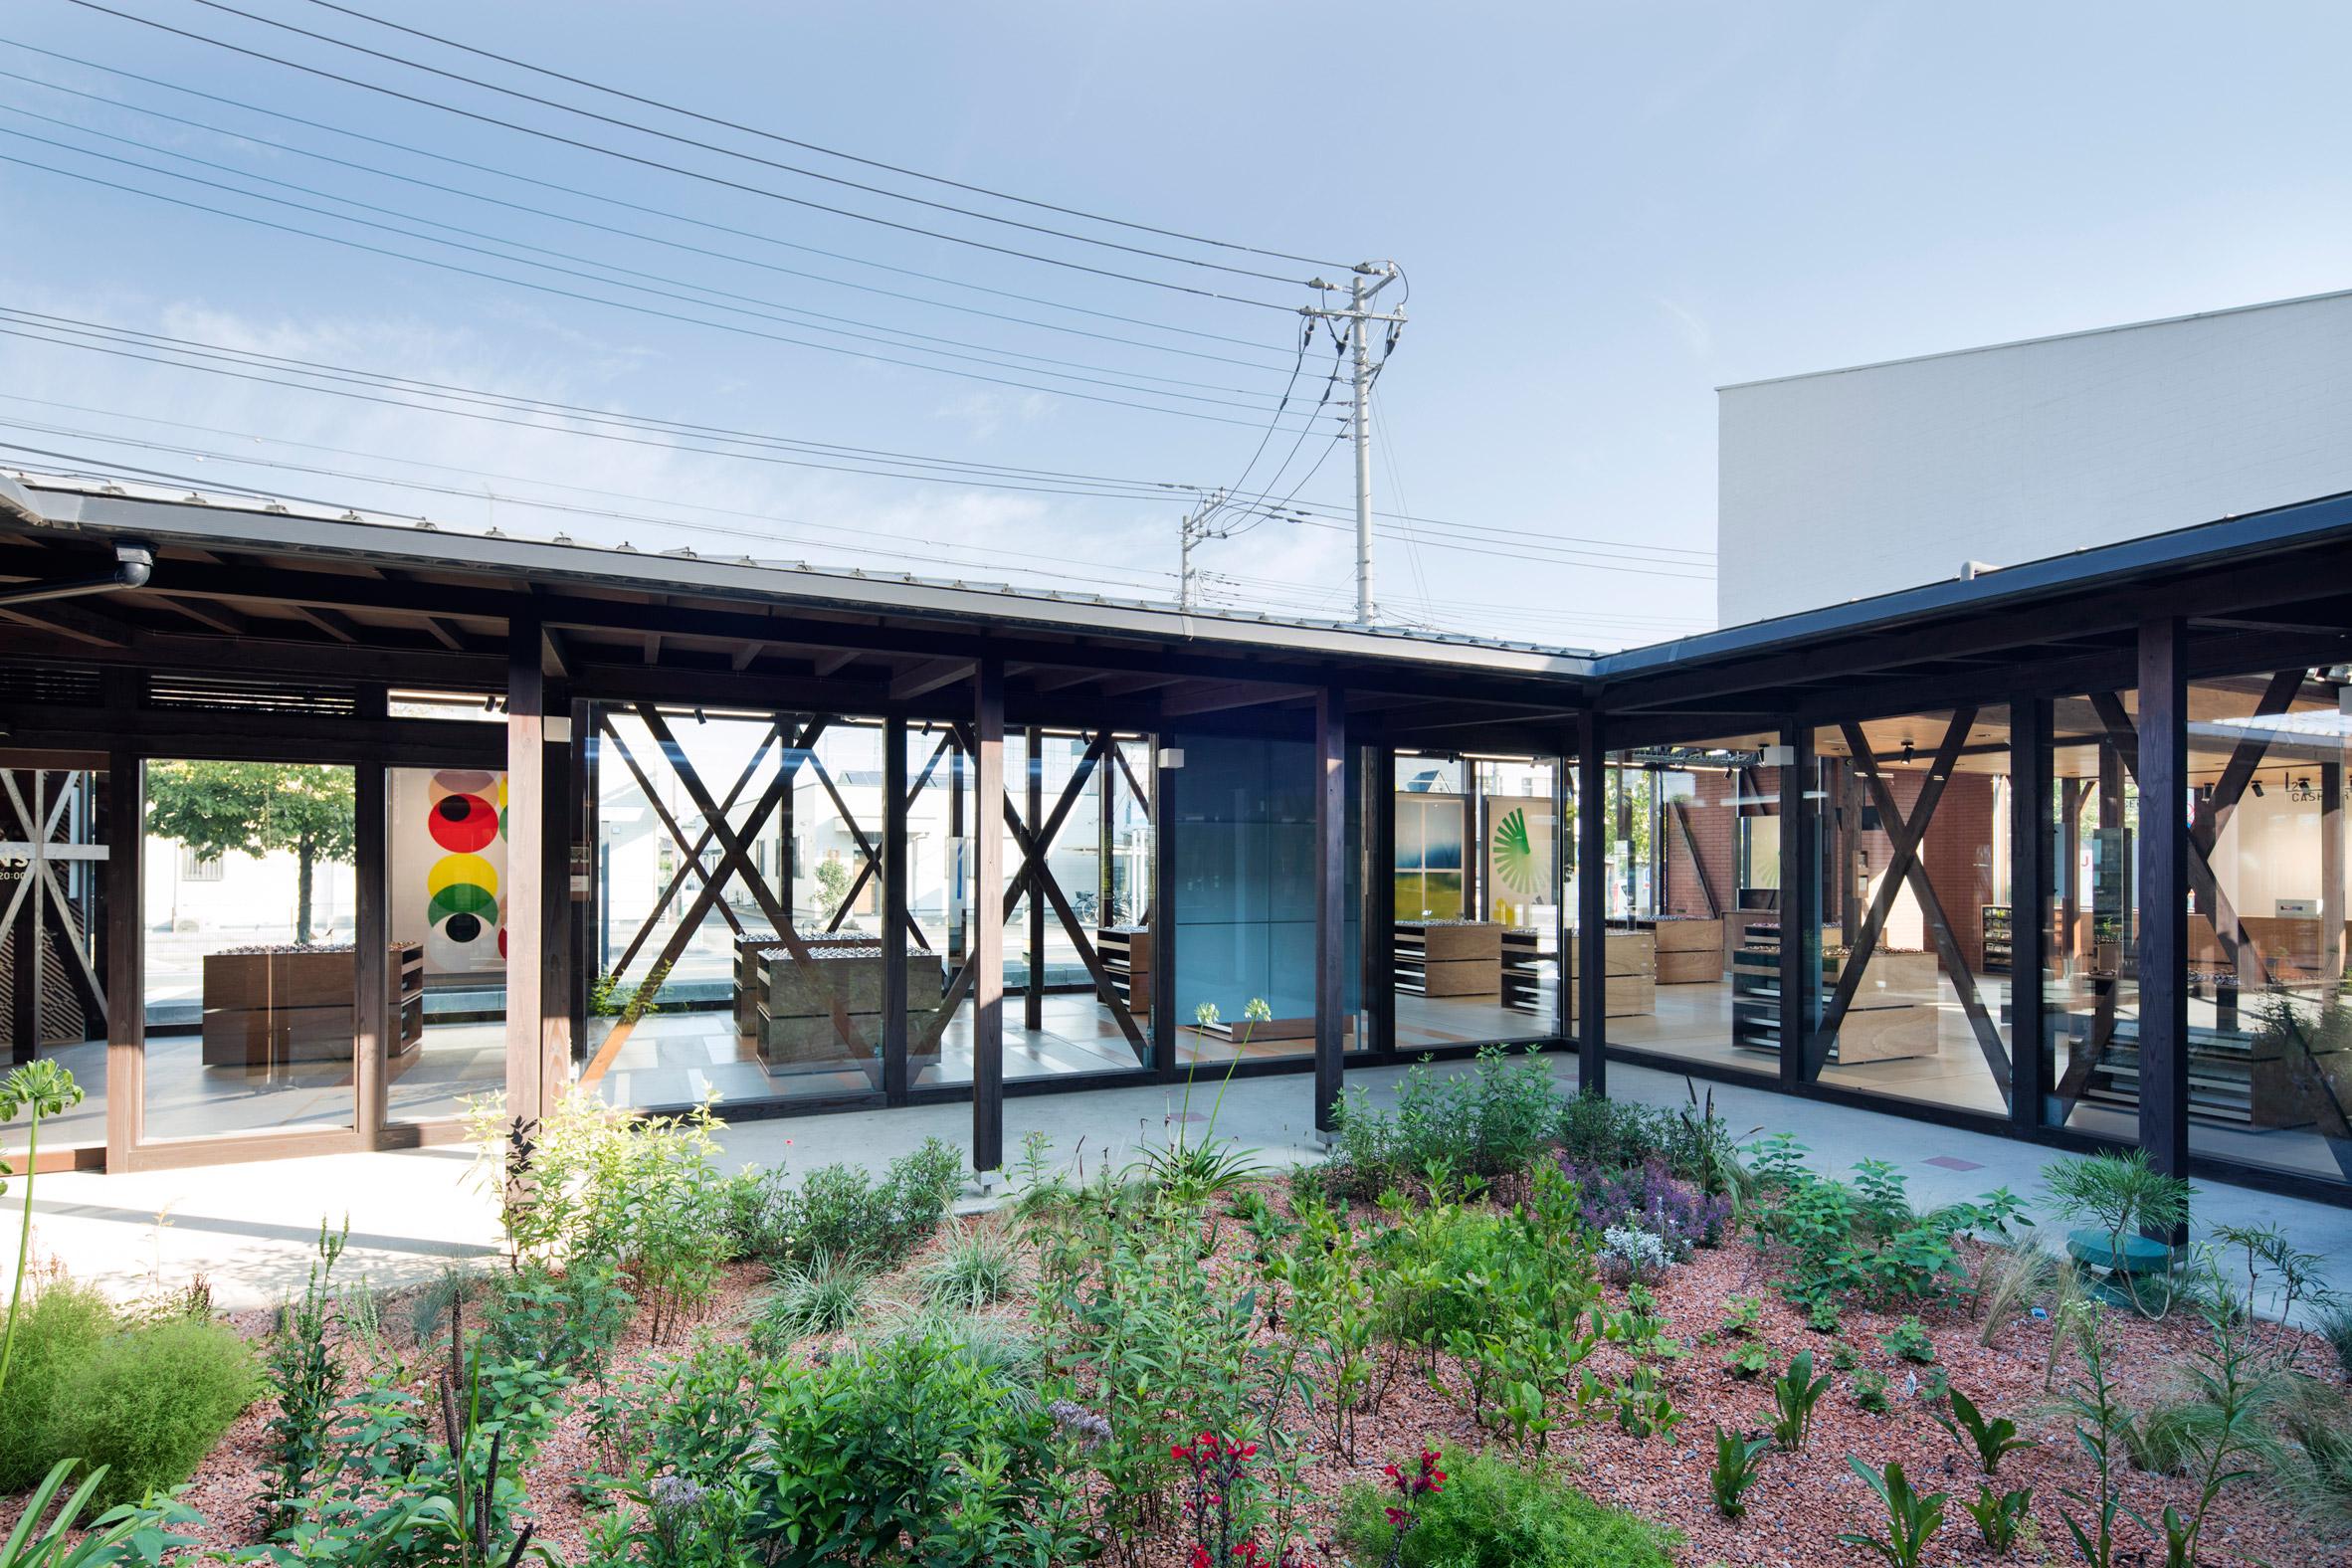 jins-eyeware-schemata-architects-shop-interior-renovation-ageo-japan_dezeen_2364_col_1